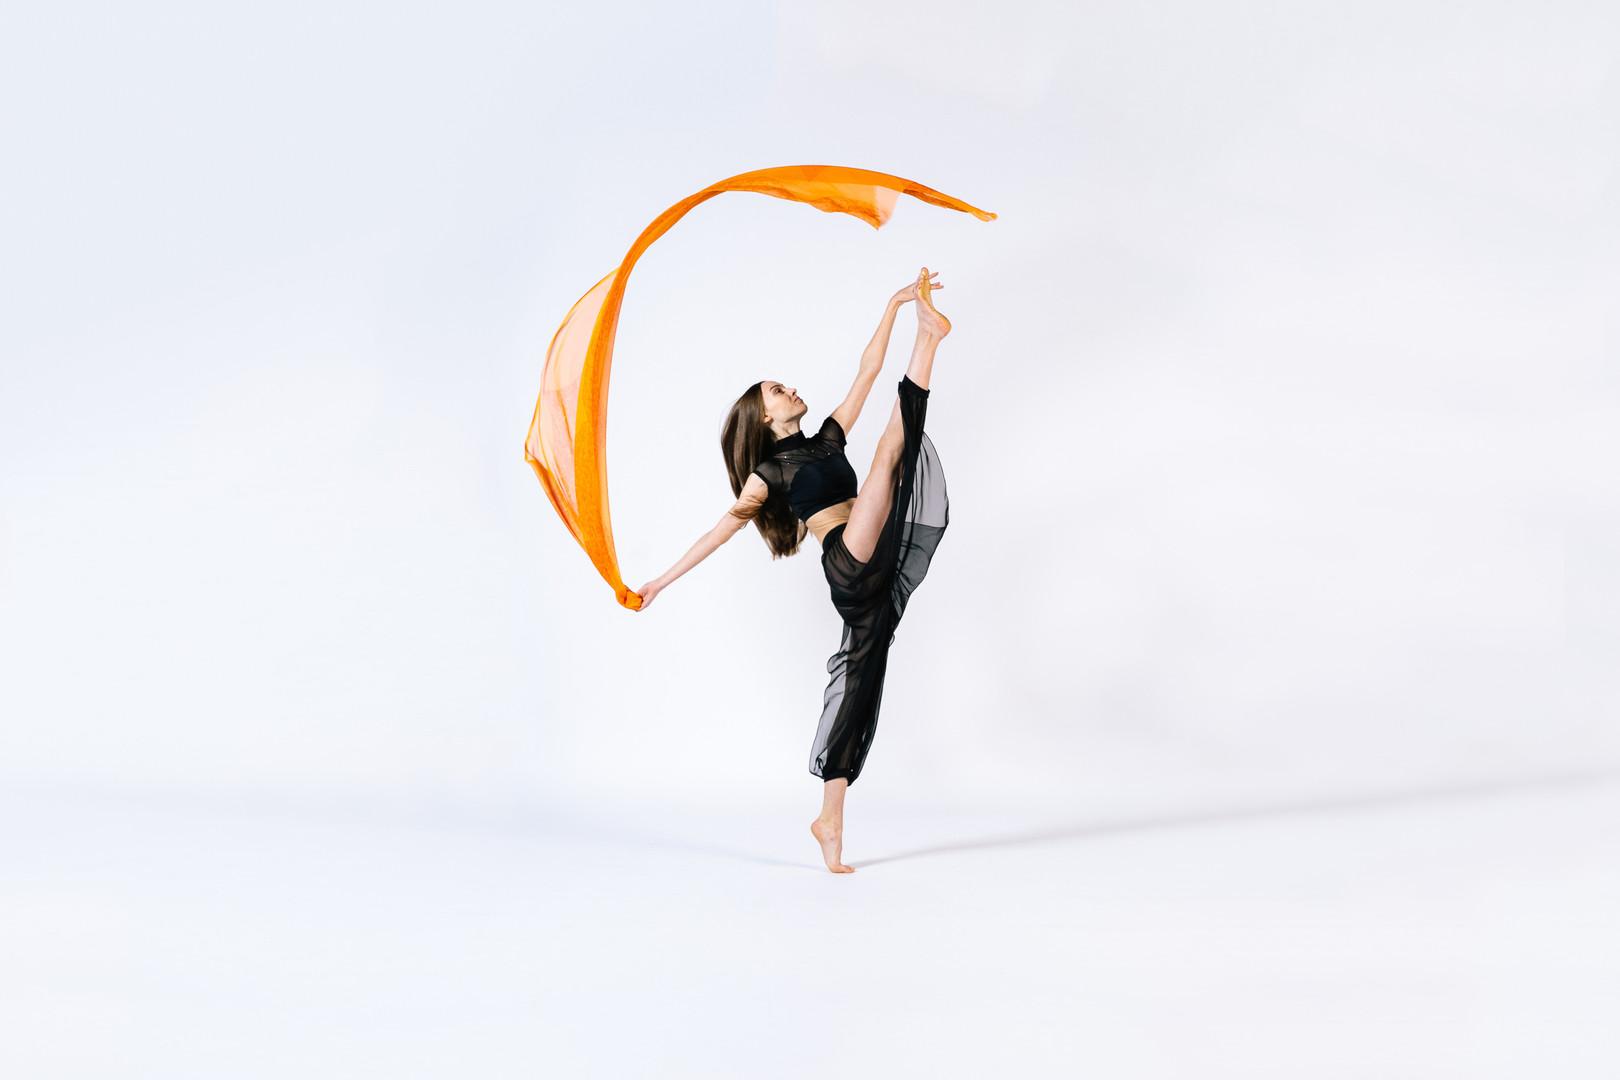 manchester-dance-photographer-4.jpg